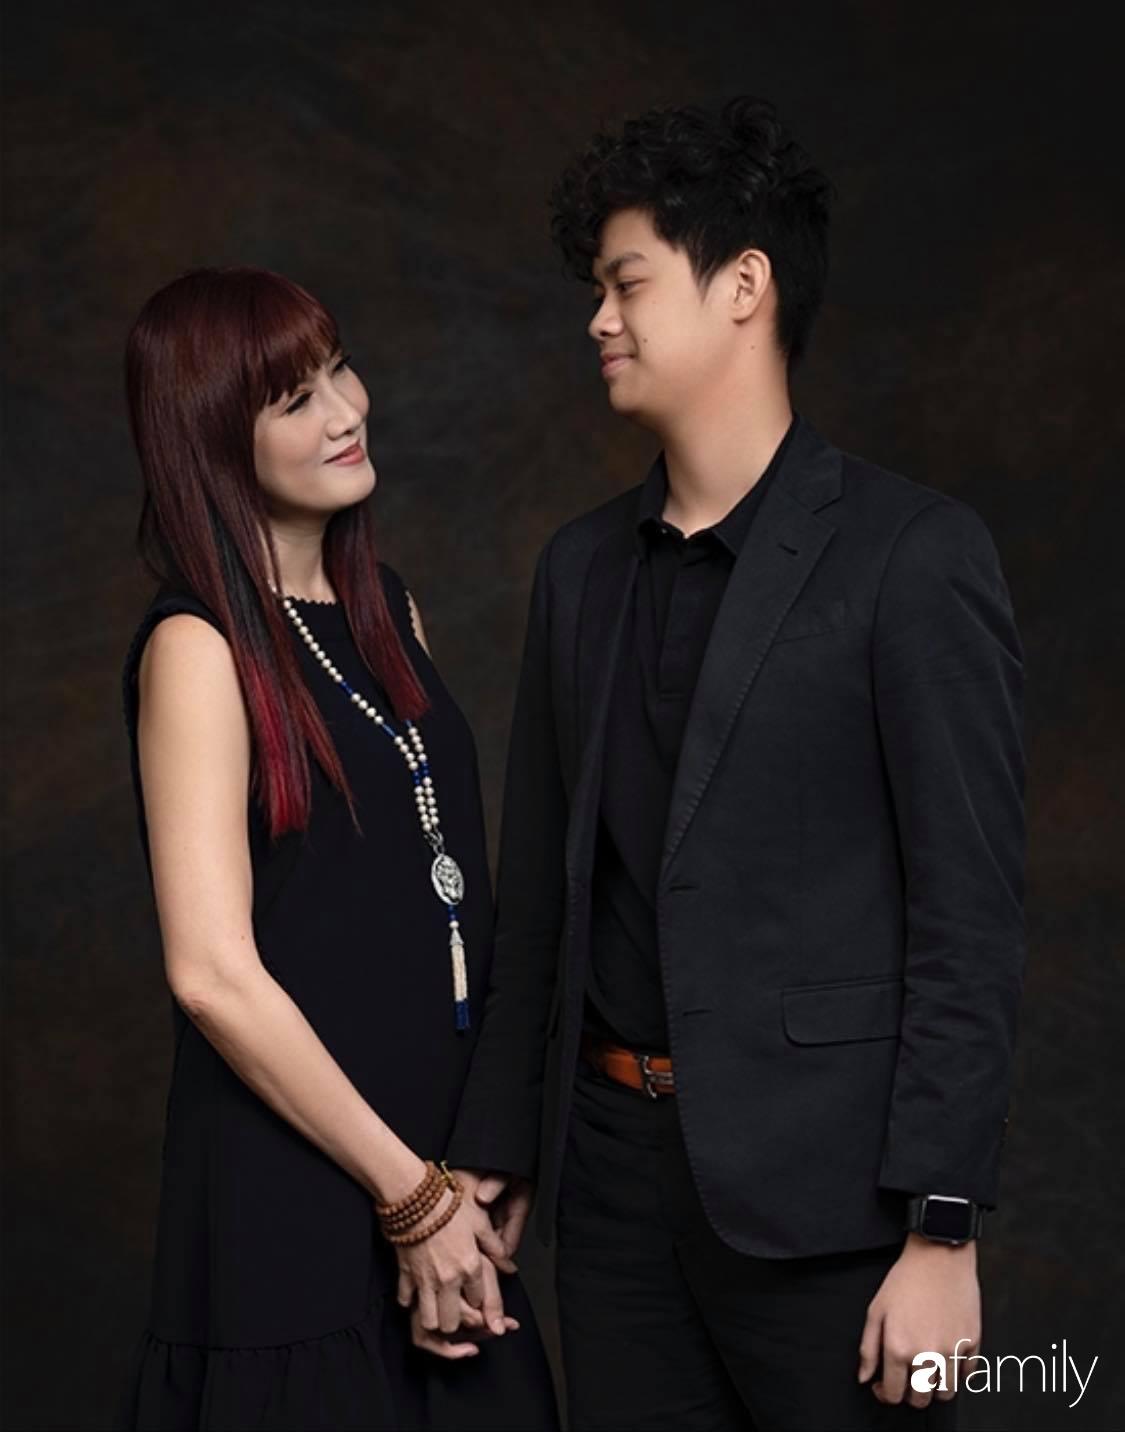 """Con trai diễn viên Hiền Mai: Hồi nhỏ ốm nhom vì suy dinh dưỡng, mẹ cho ăn """"cơm vàng"""" giờ 16 tuổi cao 1m80"""